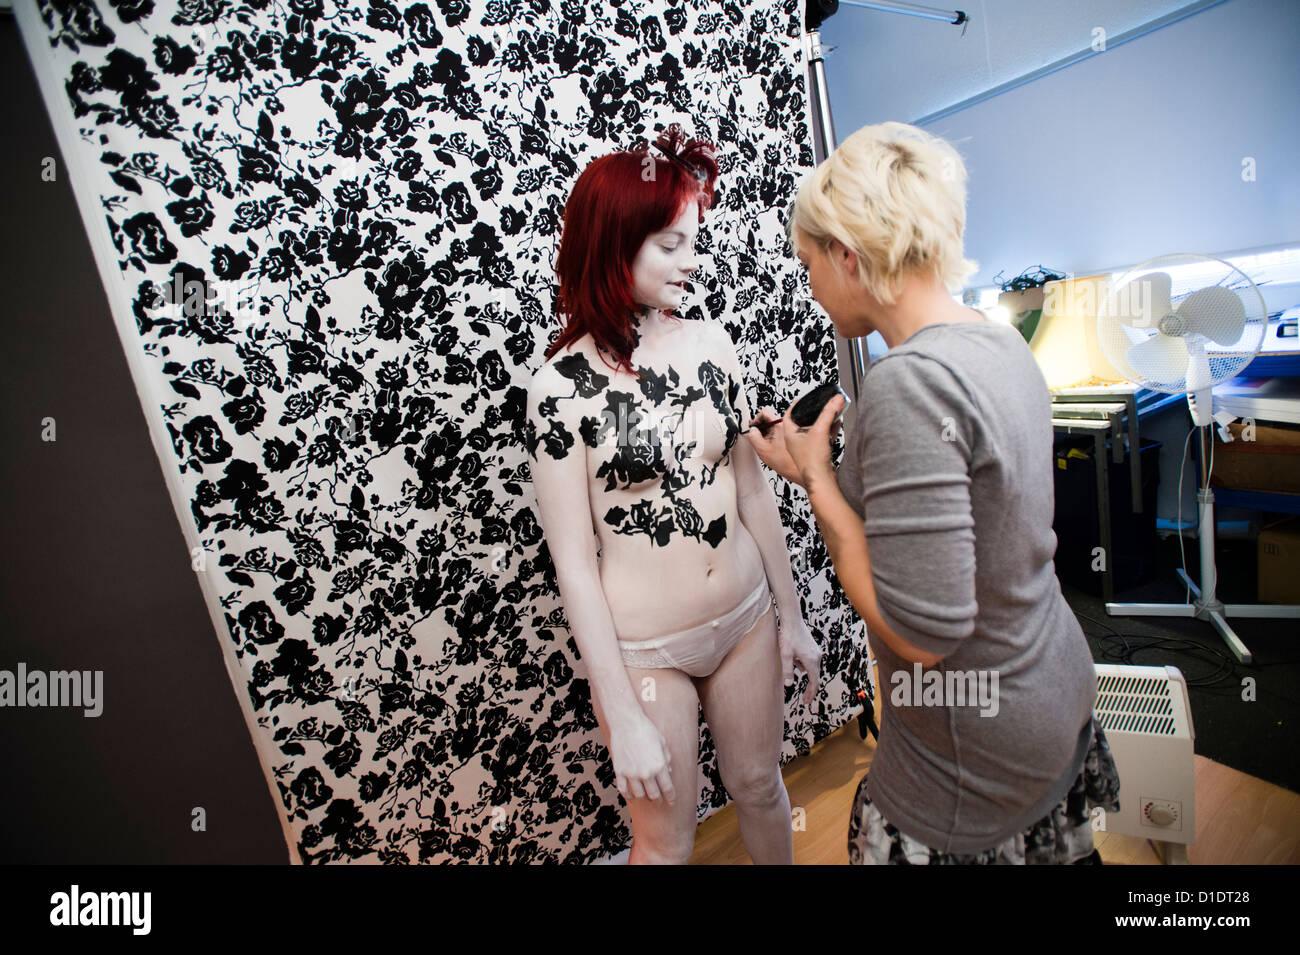 Eine junge Frau mit ihrem Körper gemalt eine schwarz / weiße Muster an den Hintergrund anpassen, die sie Stockbild